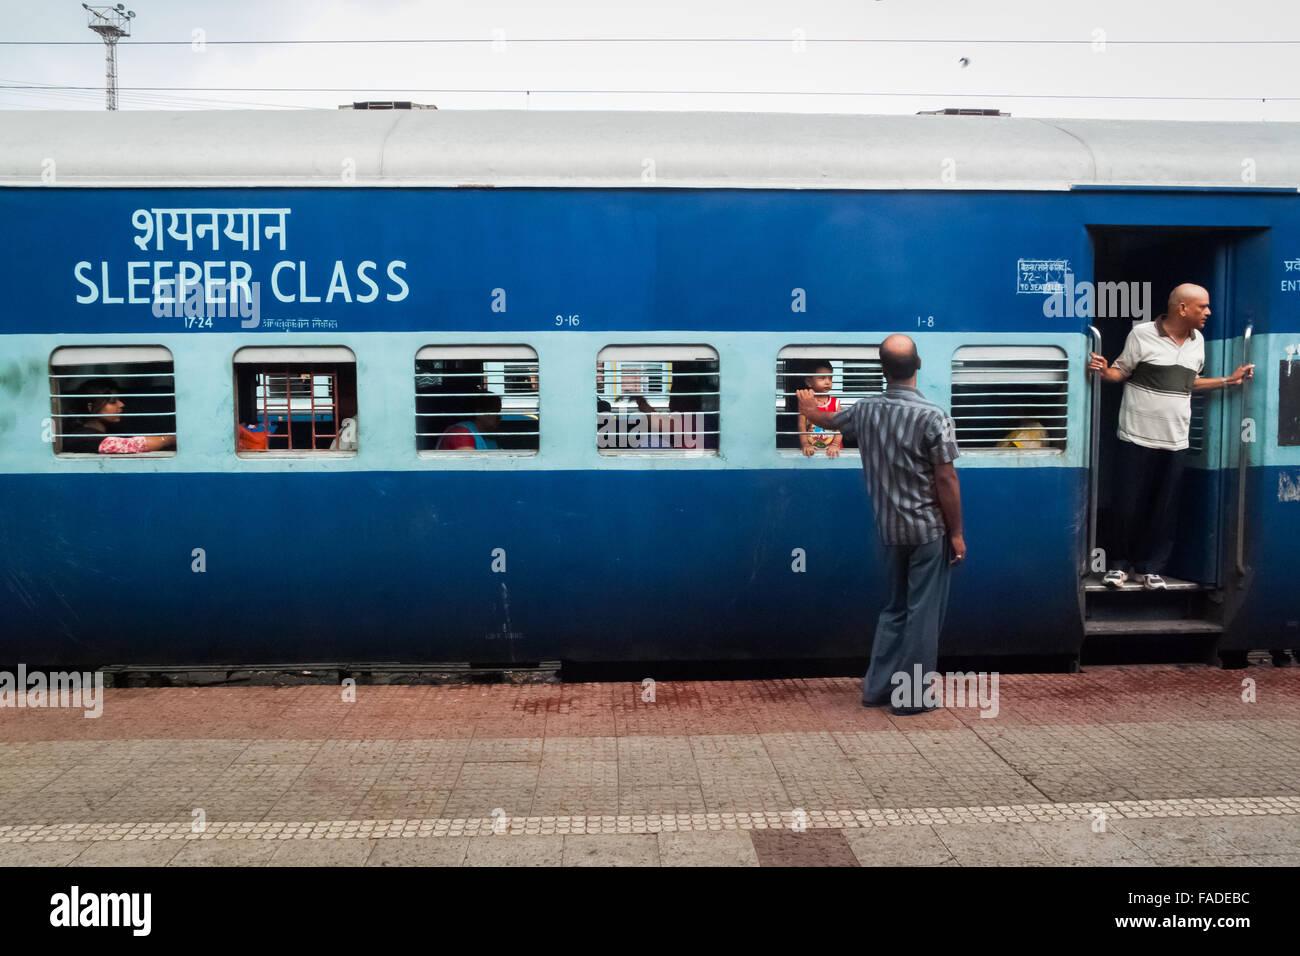 Le persone al di fuori di una classe cuccetta di India servizio ferroviario. Immagini Stock